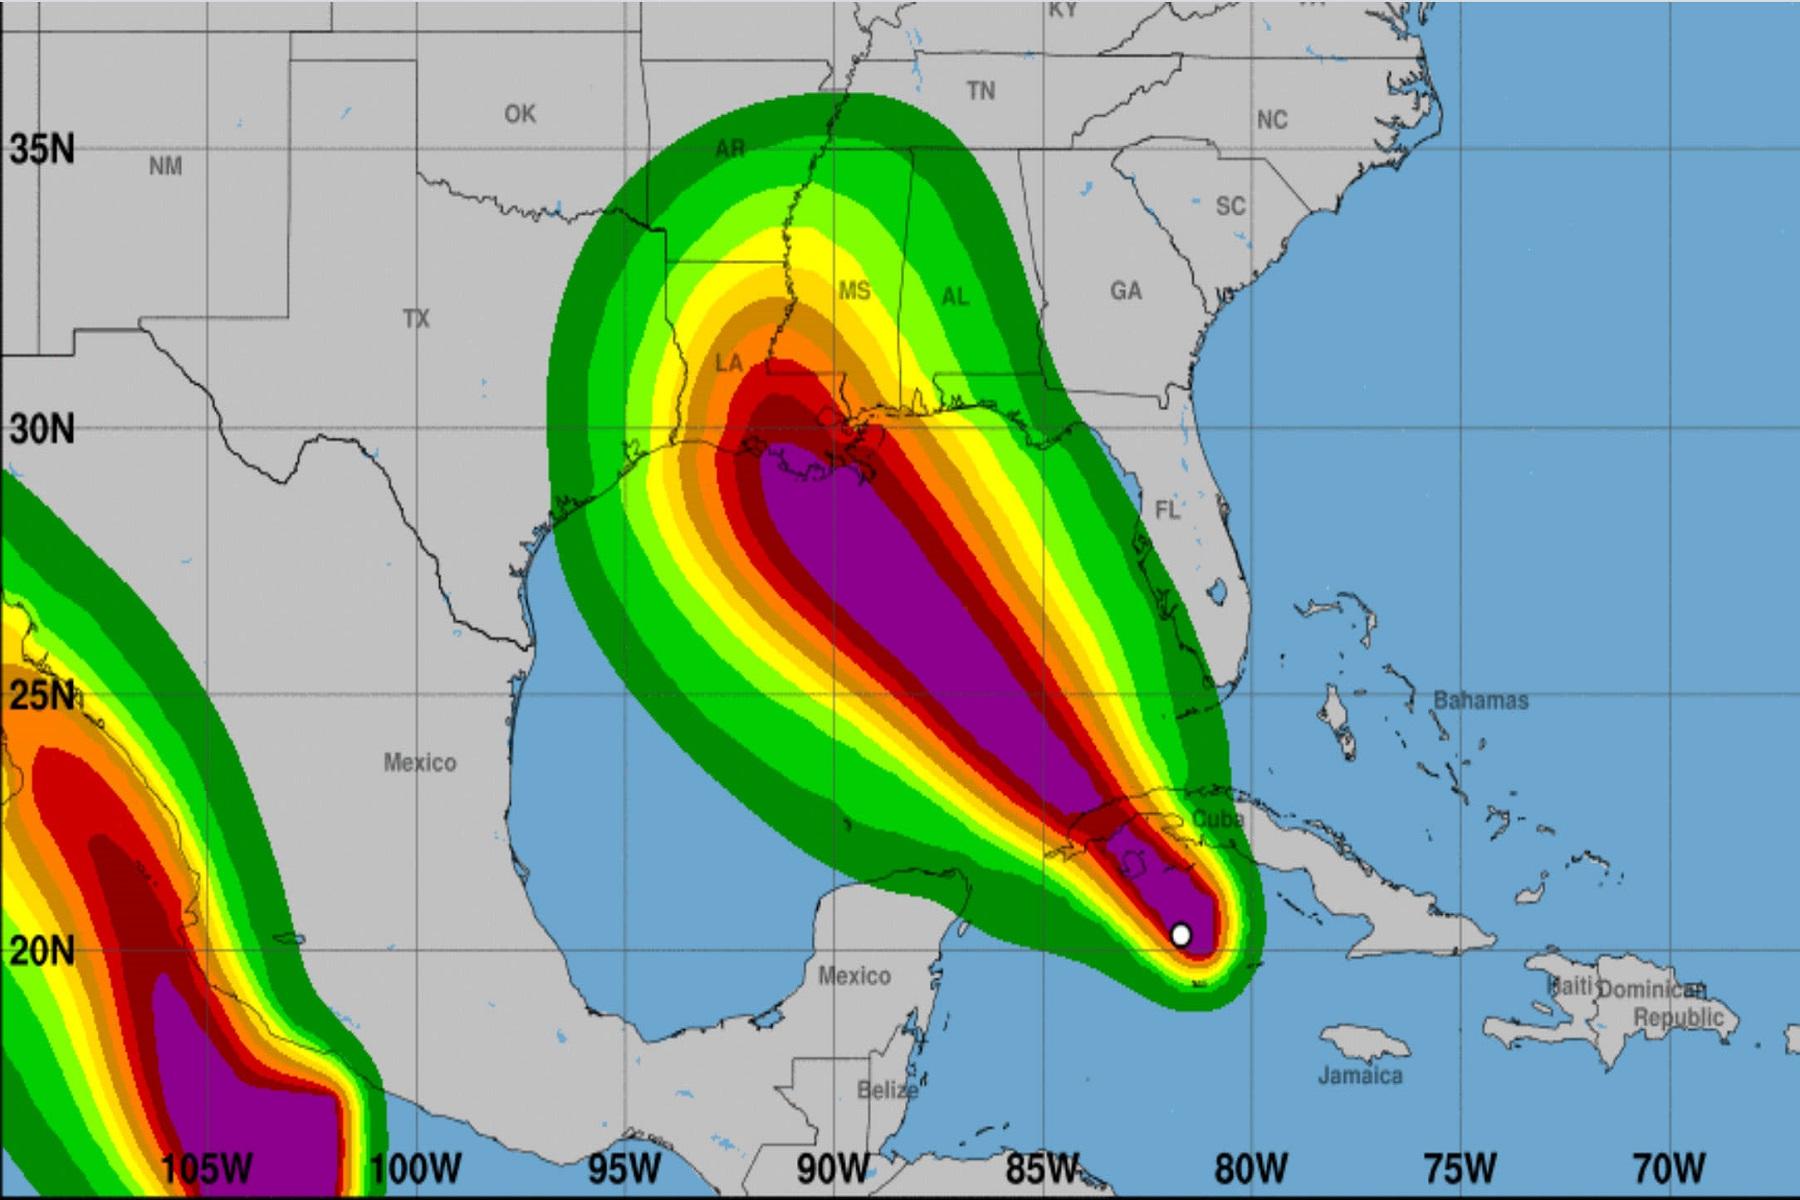 ΗΠΑ Μετεωρολόγοι: Ο τυφώνας Ίντα θα είναι «μια καταιγίδα που θα αλλάξει τη ζωή»